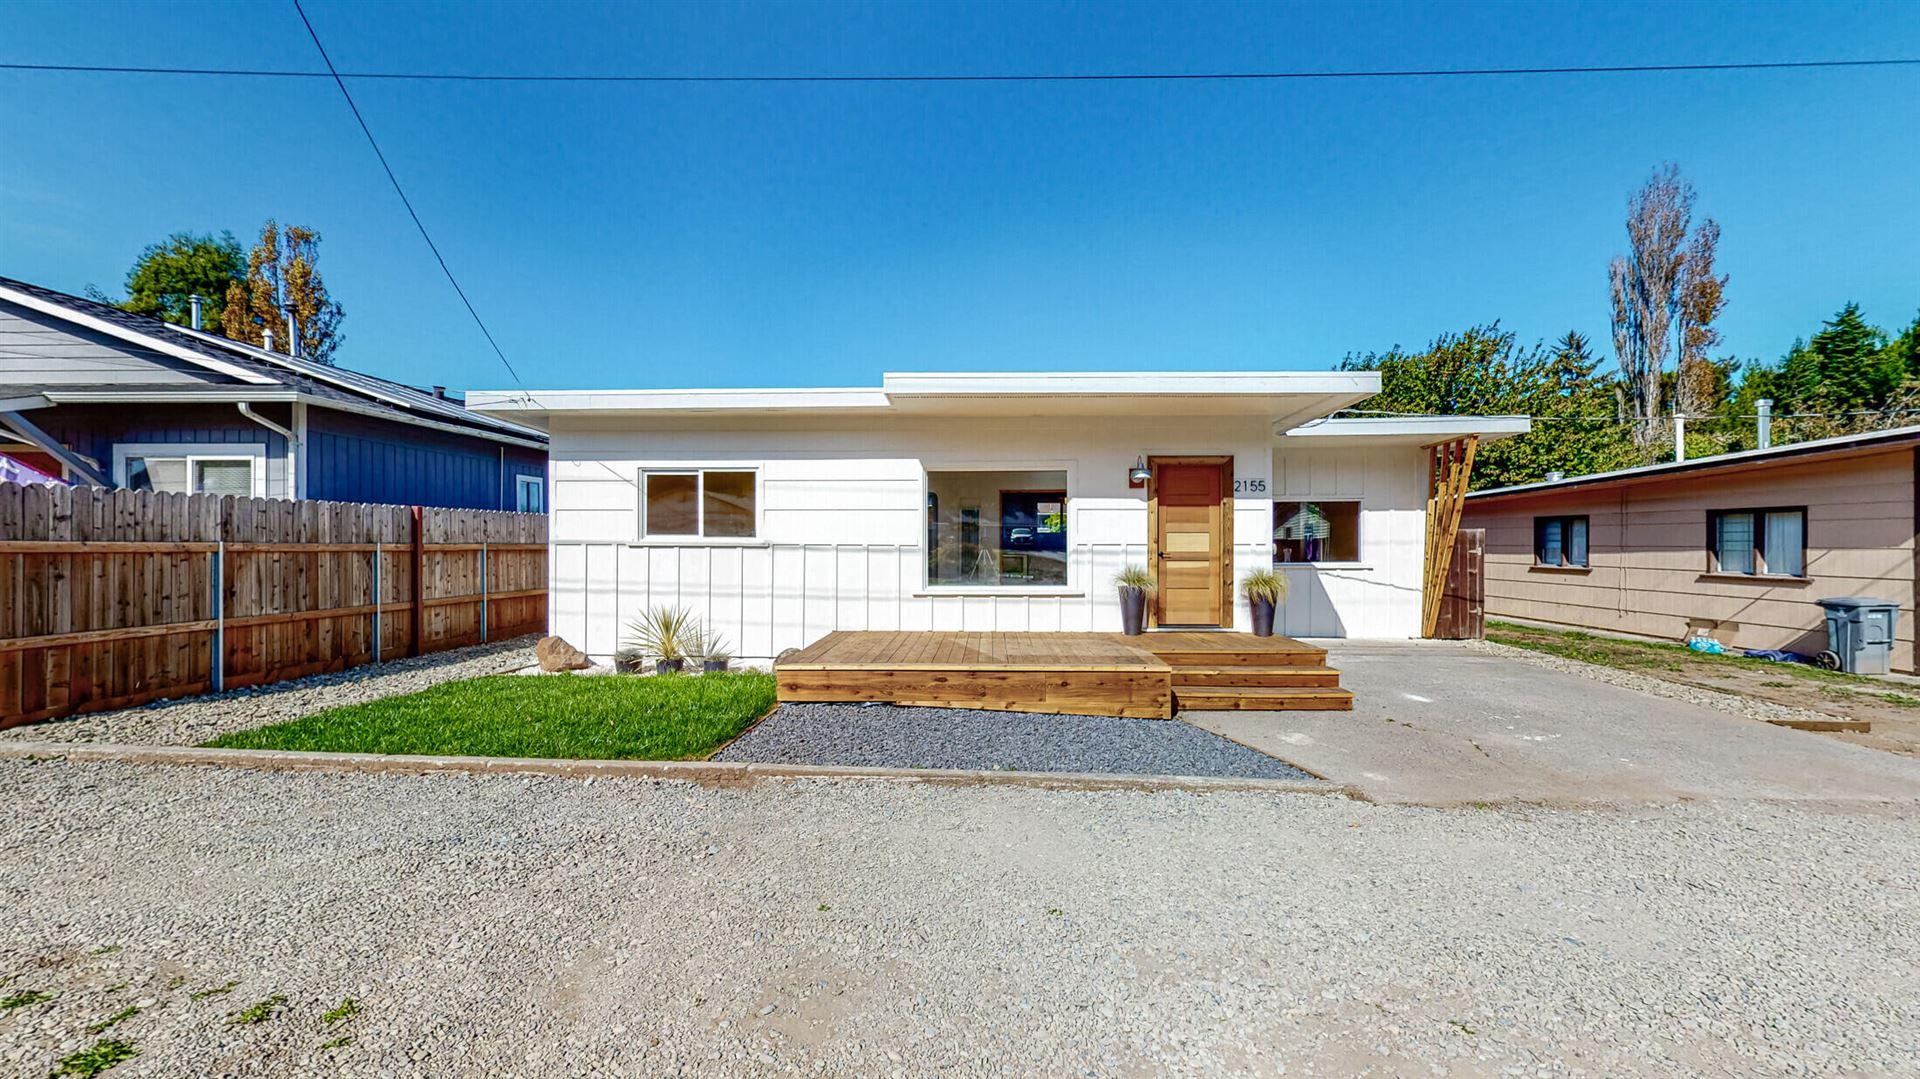 2155 Law Boulevard, Cutten, CA 95503 - MLS#: 260350